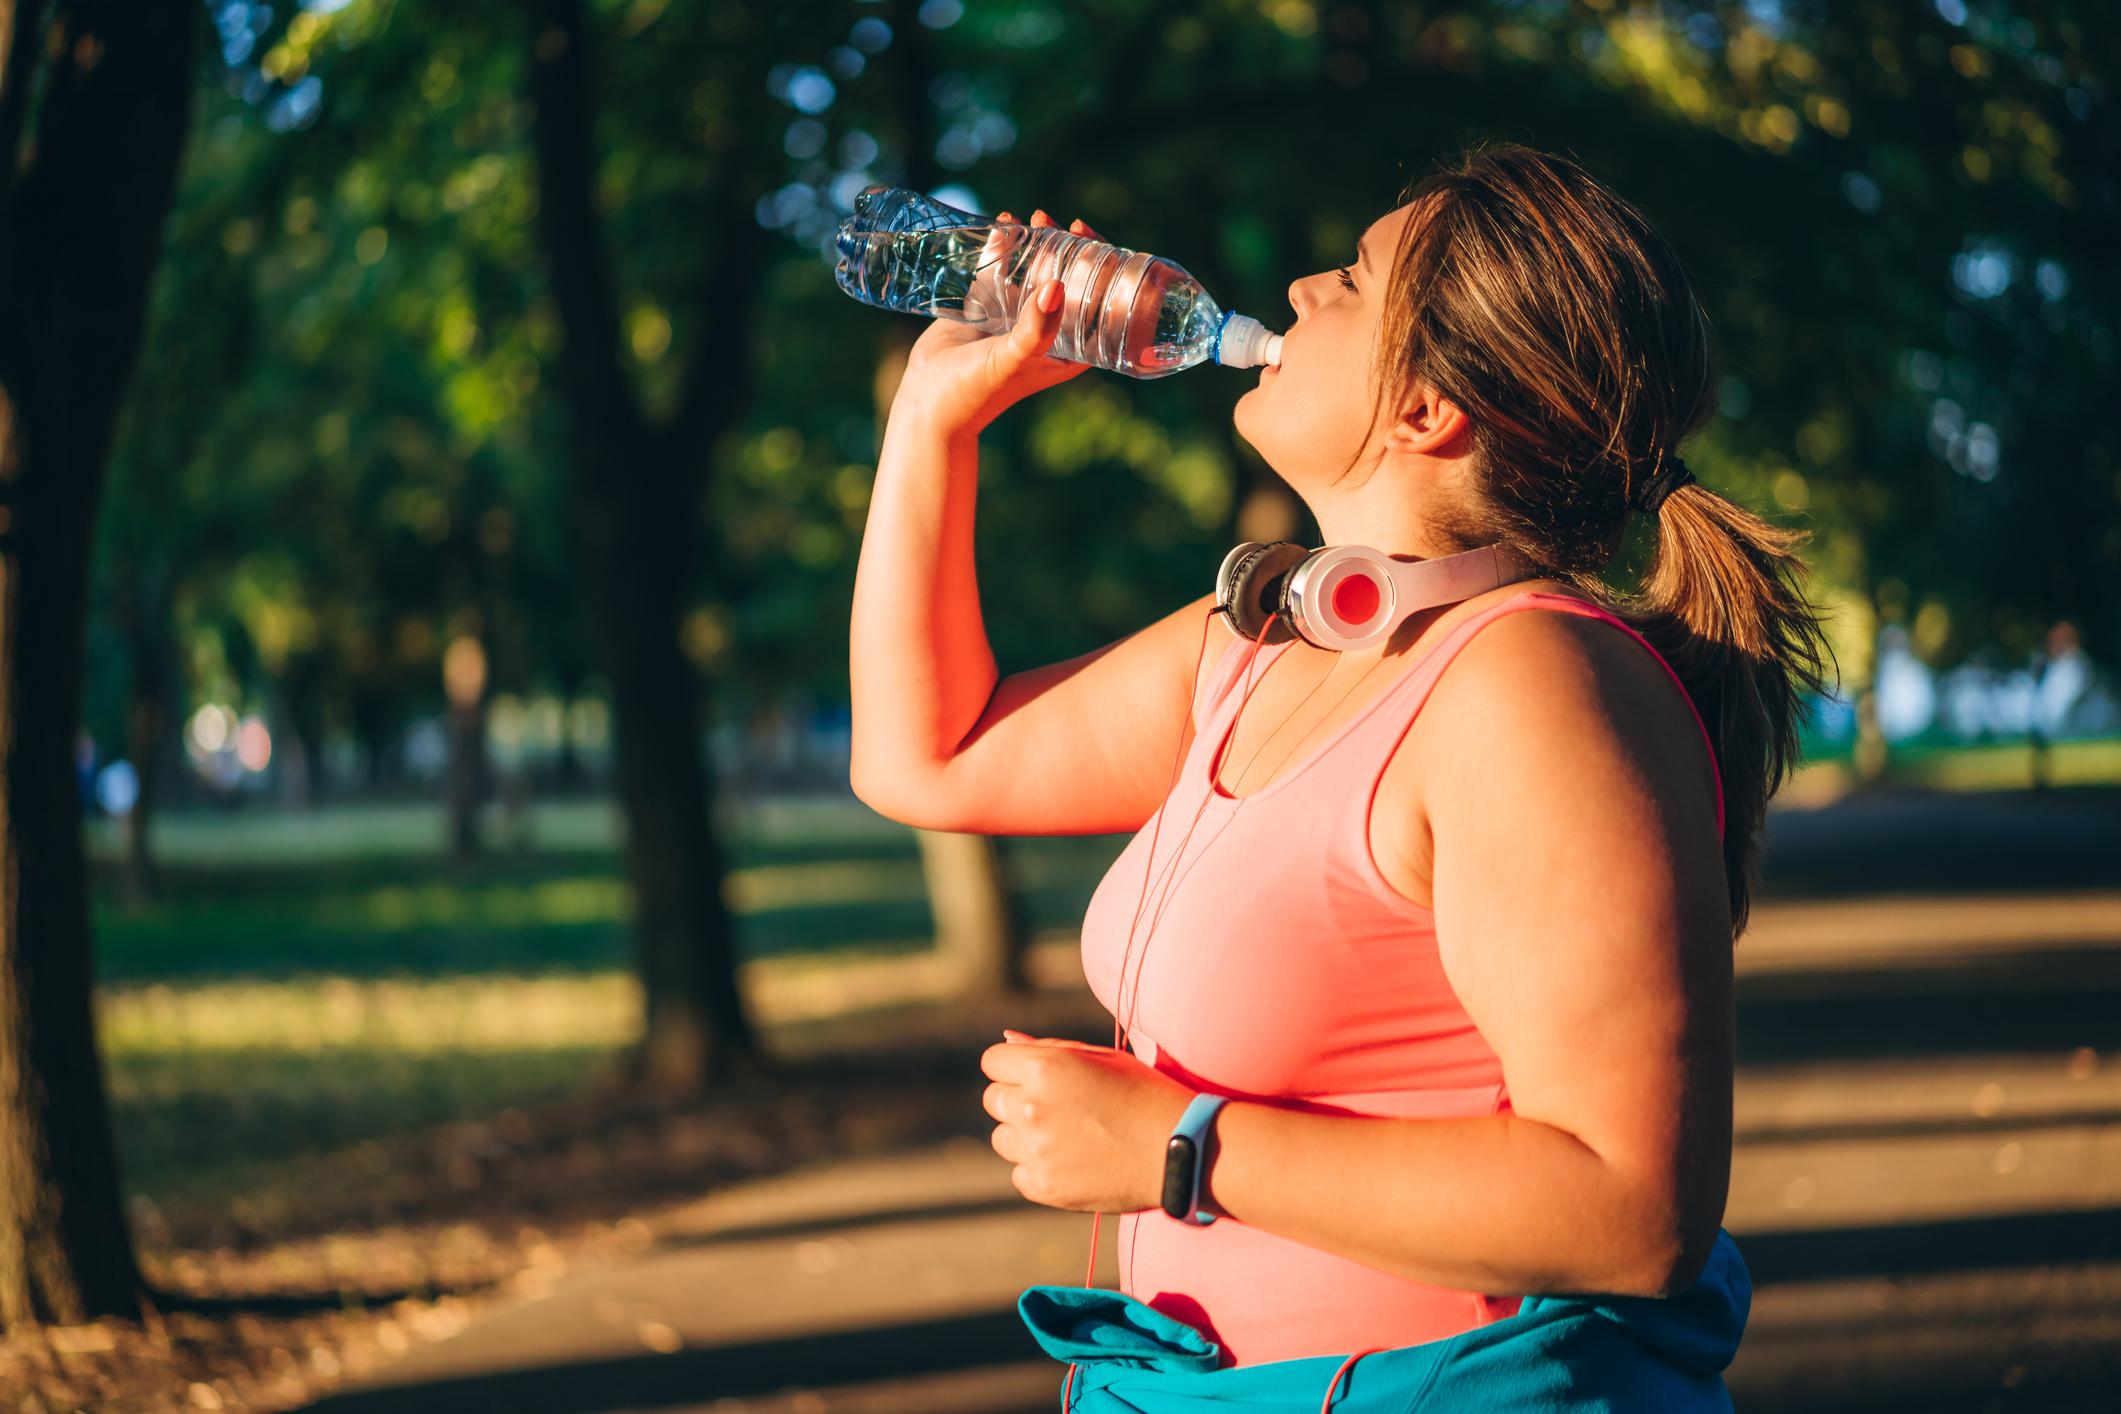 डीहायड्रेटड महिला पानी पीते हुए